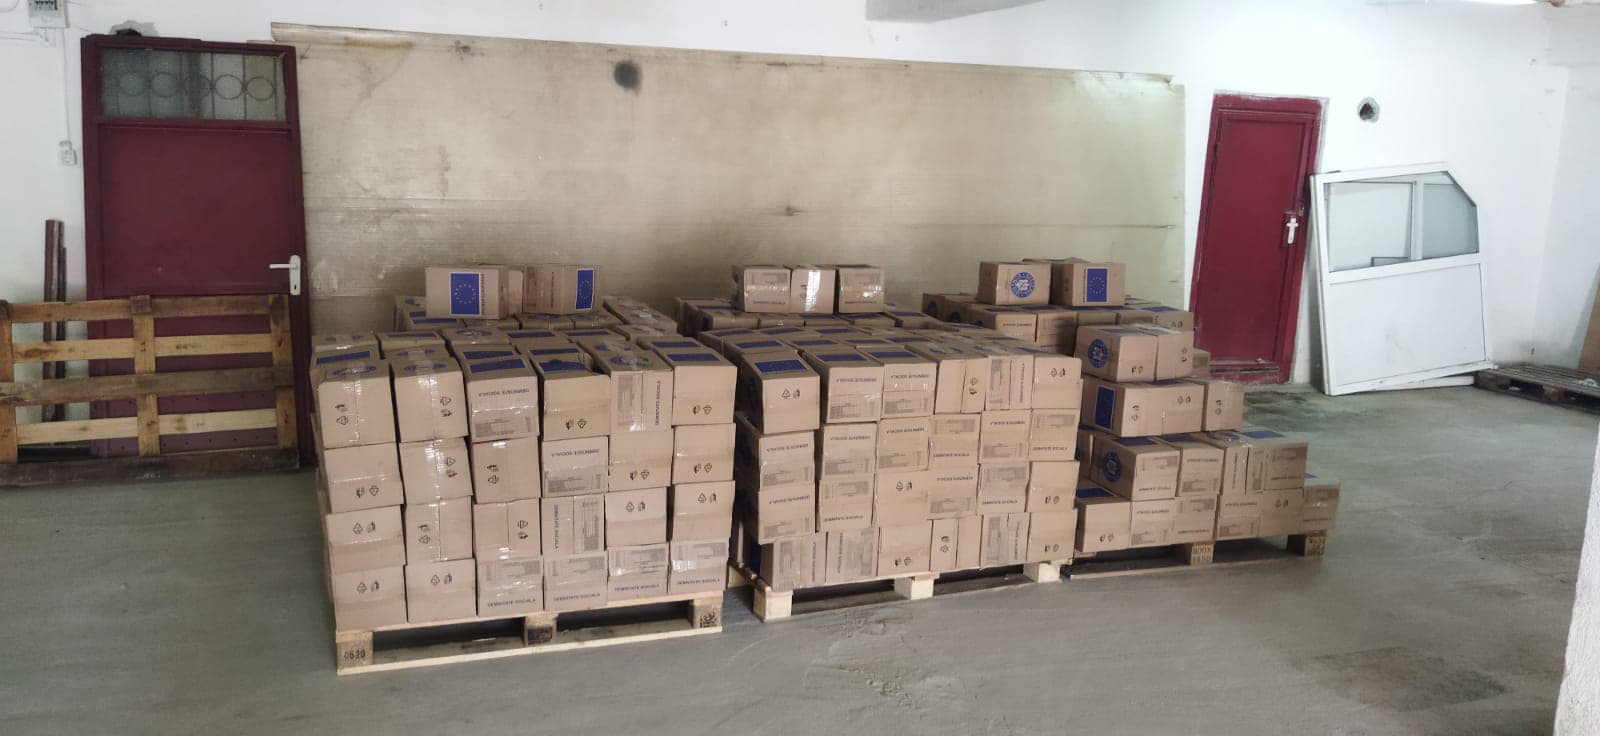 Se distribuie și la Hațeg produse de igienă, prin Programul Operaţional Ajutorarea Persoanelor Defavorizate